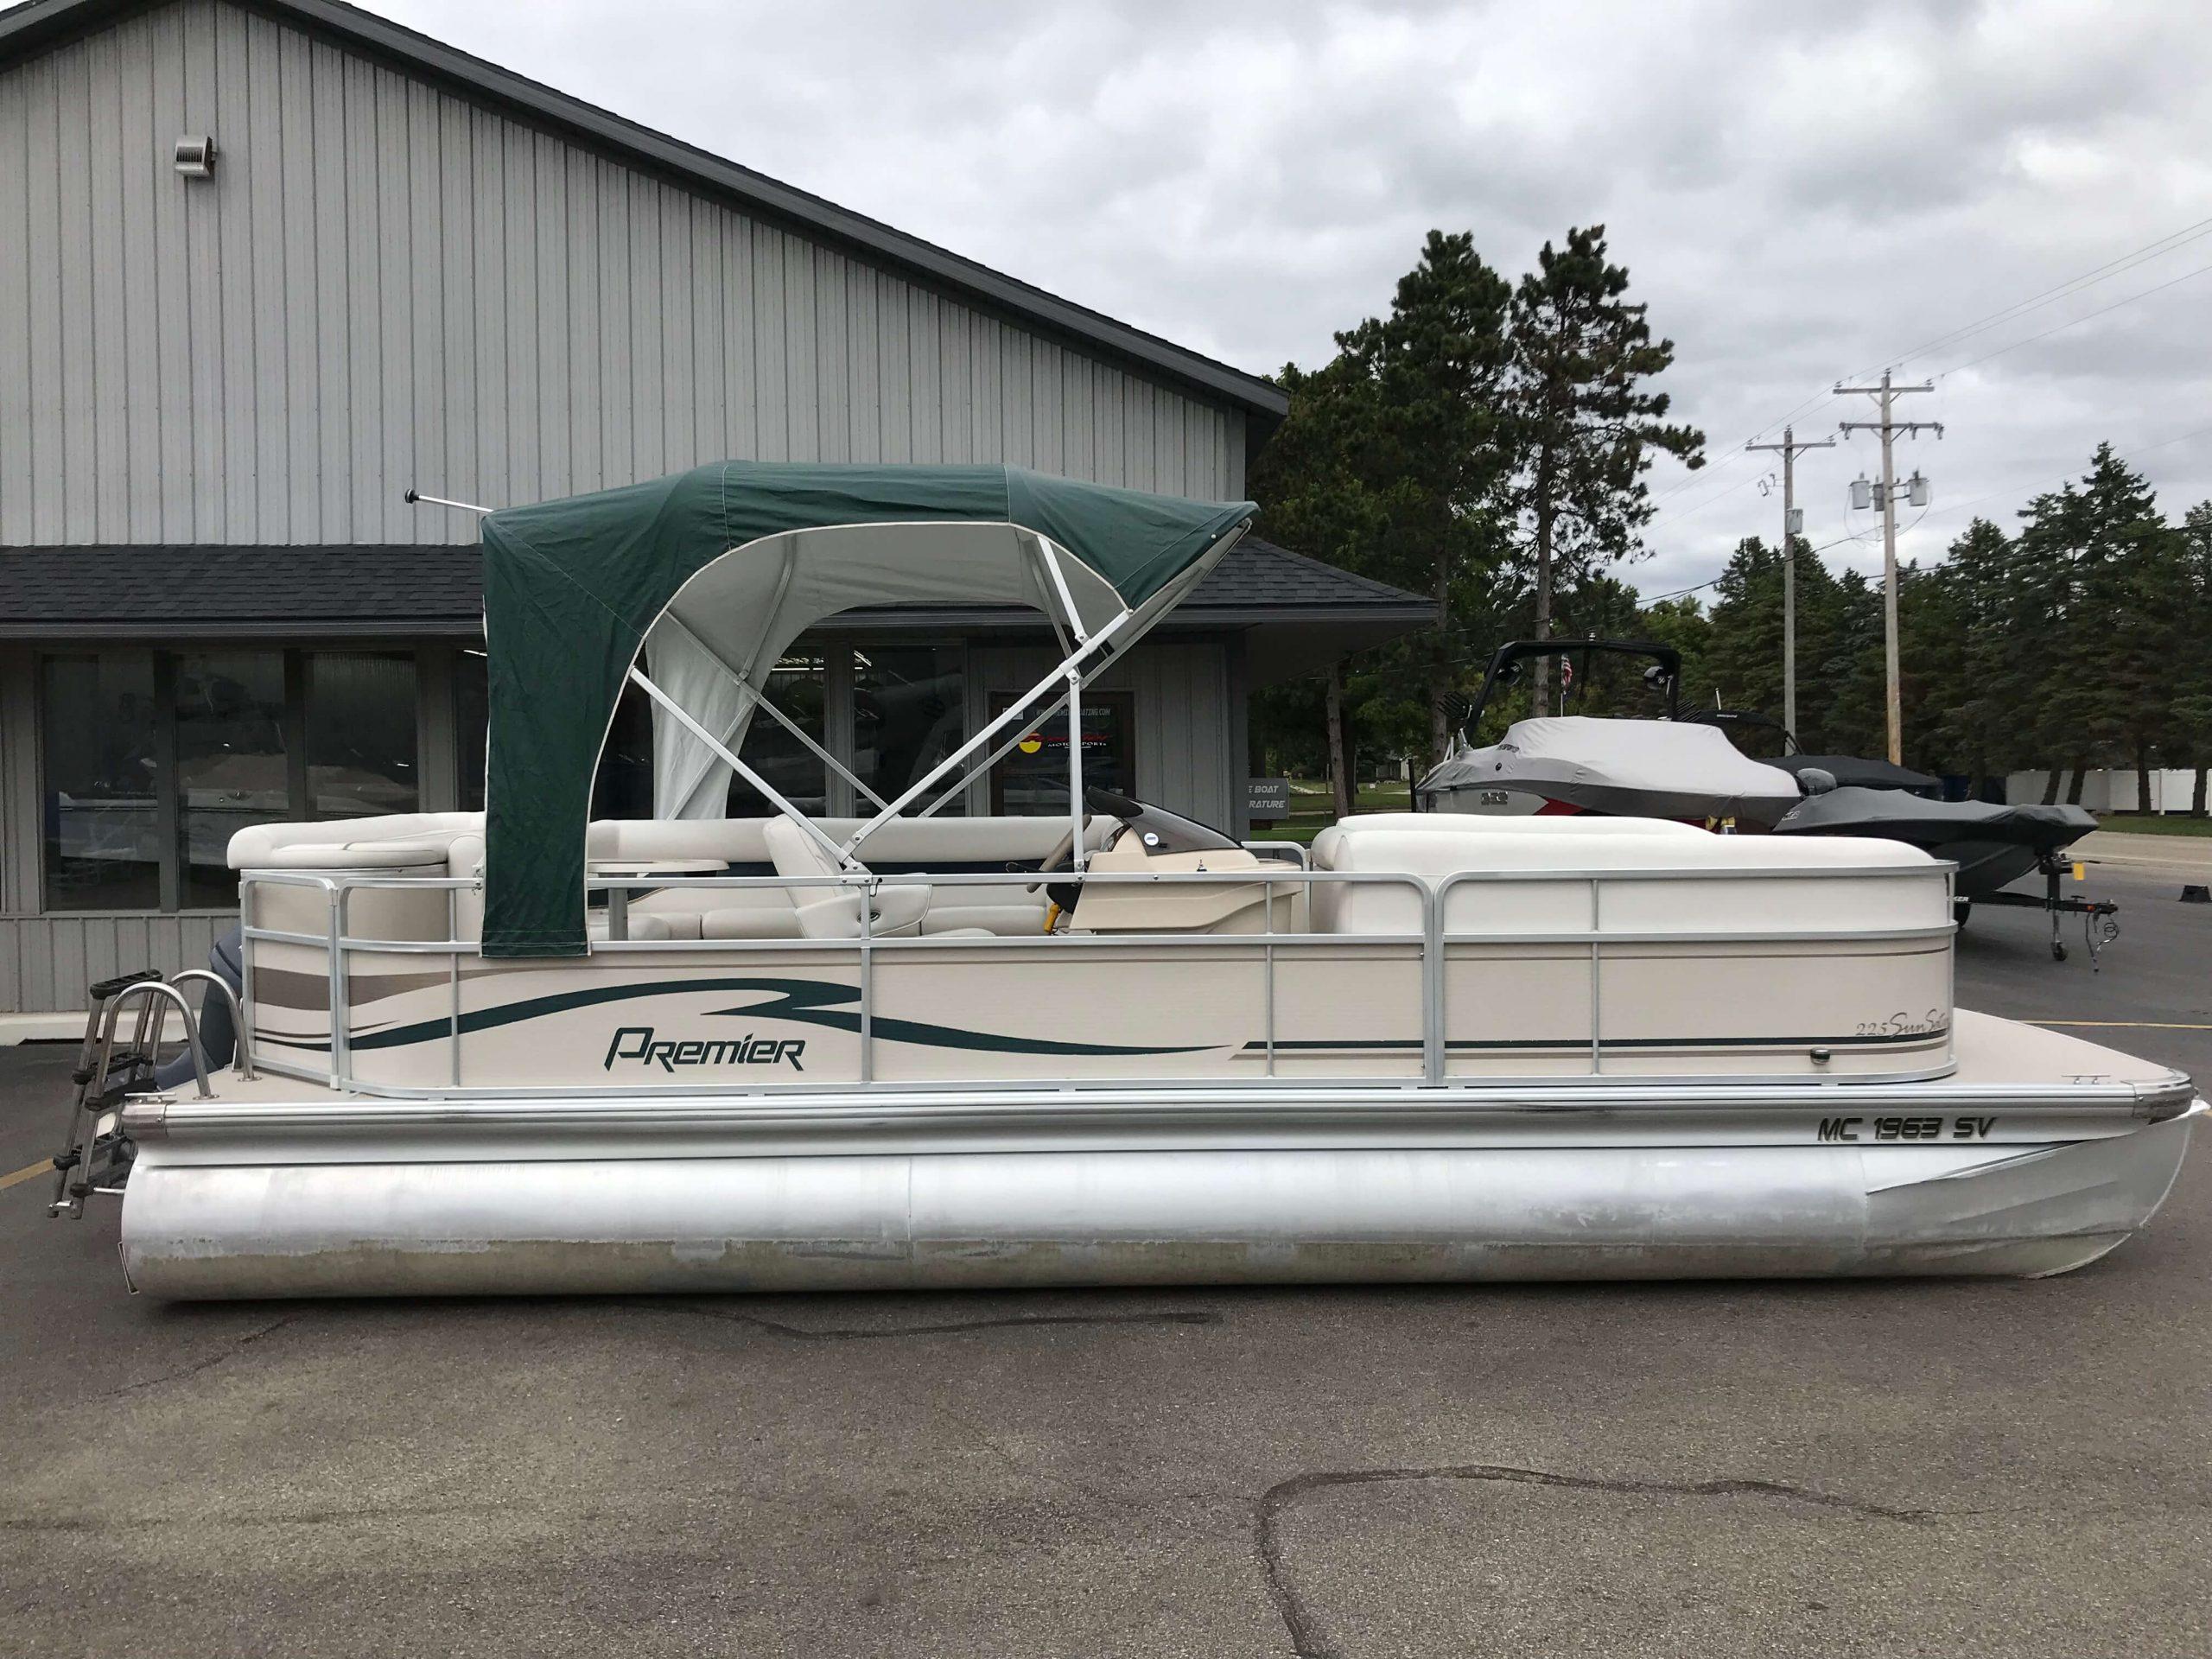 2005 Premier 225 Sunsation RE Pontoon Boat 14